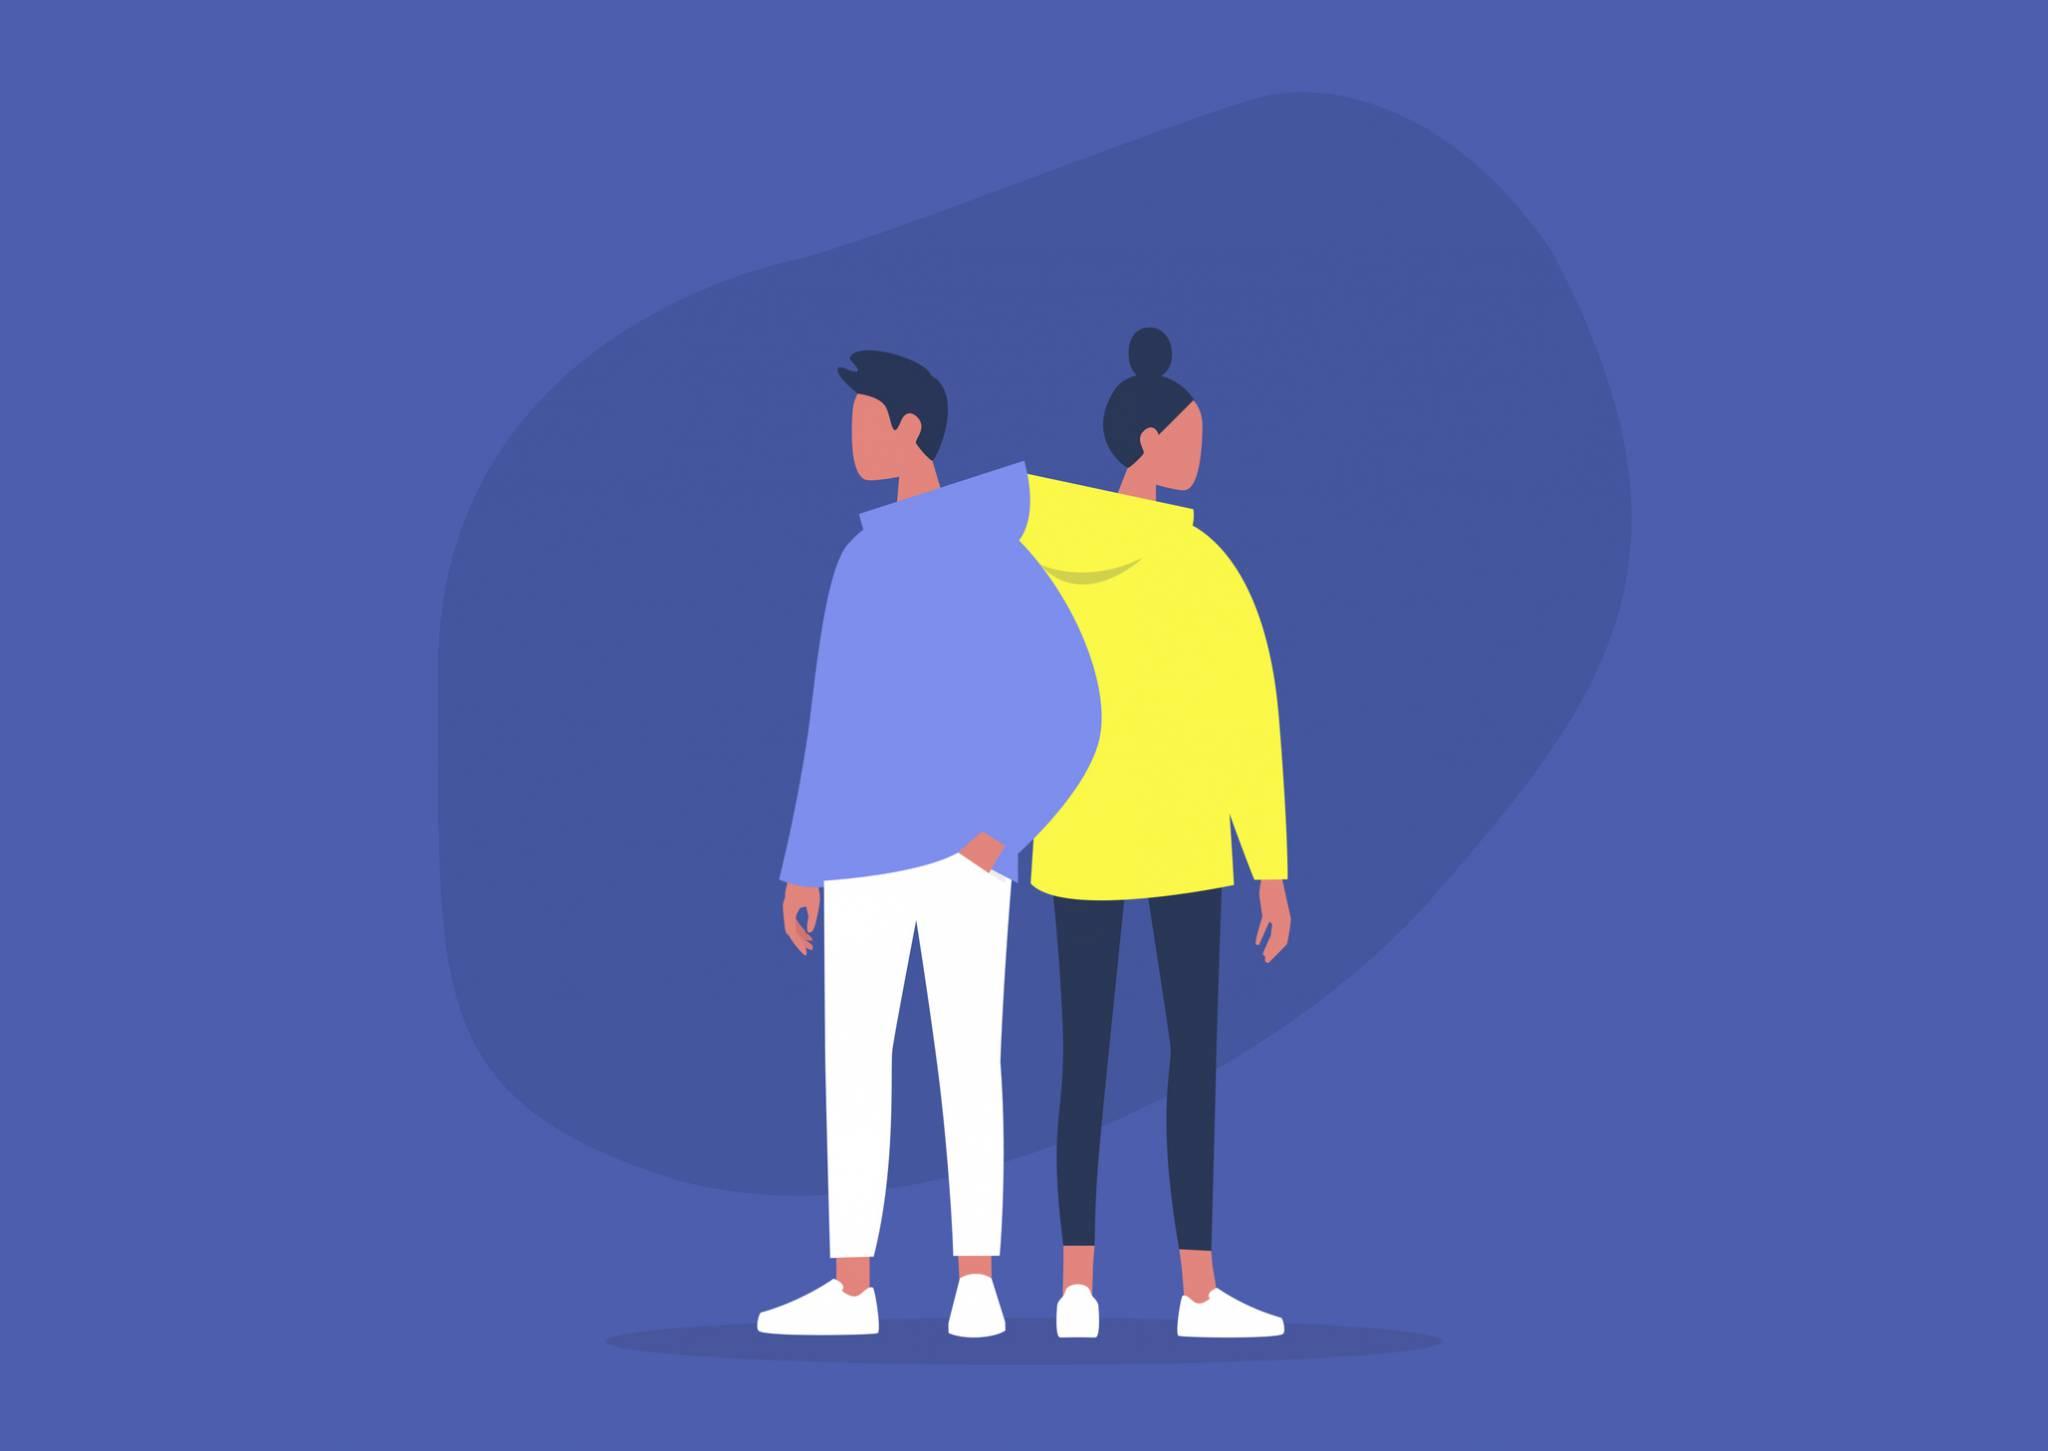 Jak rodzeństwo, jak mama z synkiem... Co zrobić, gdy wyszliśmy z partnerskich ról?